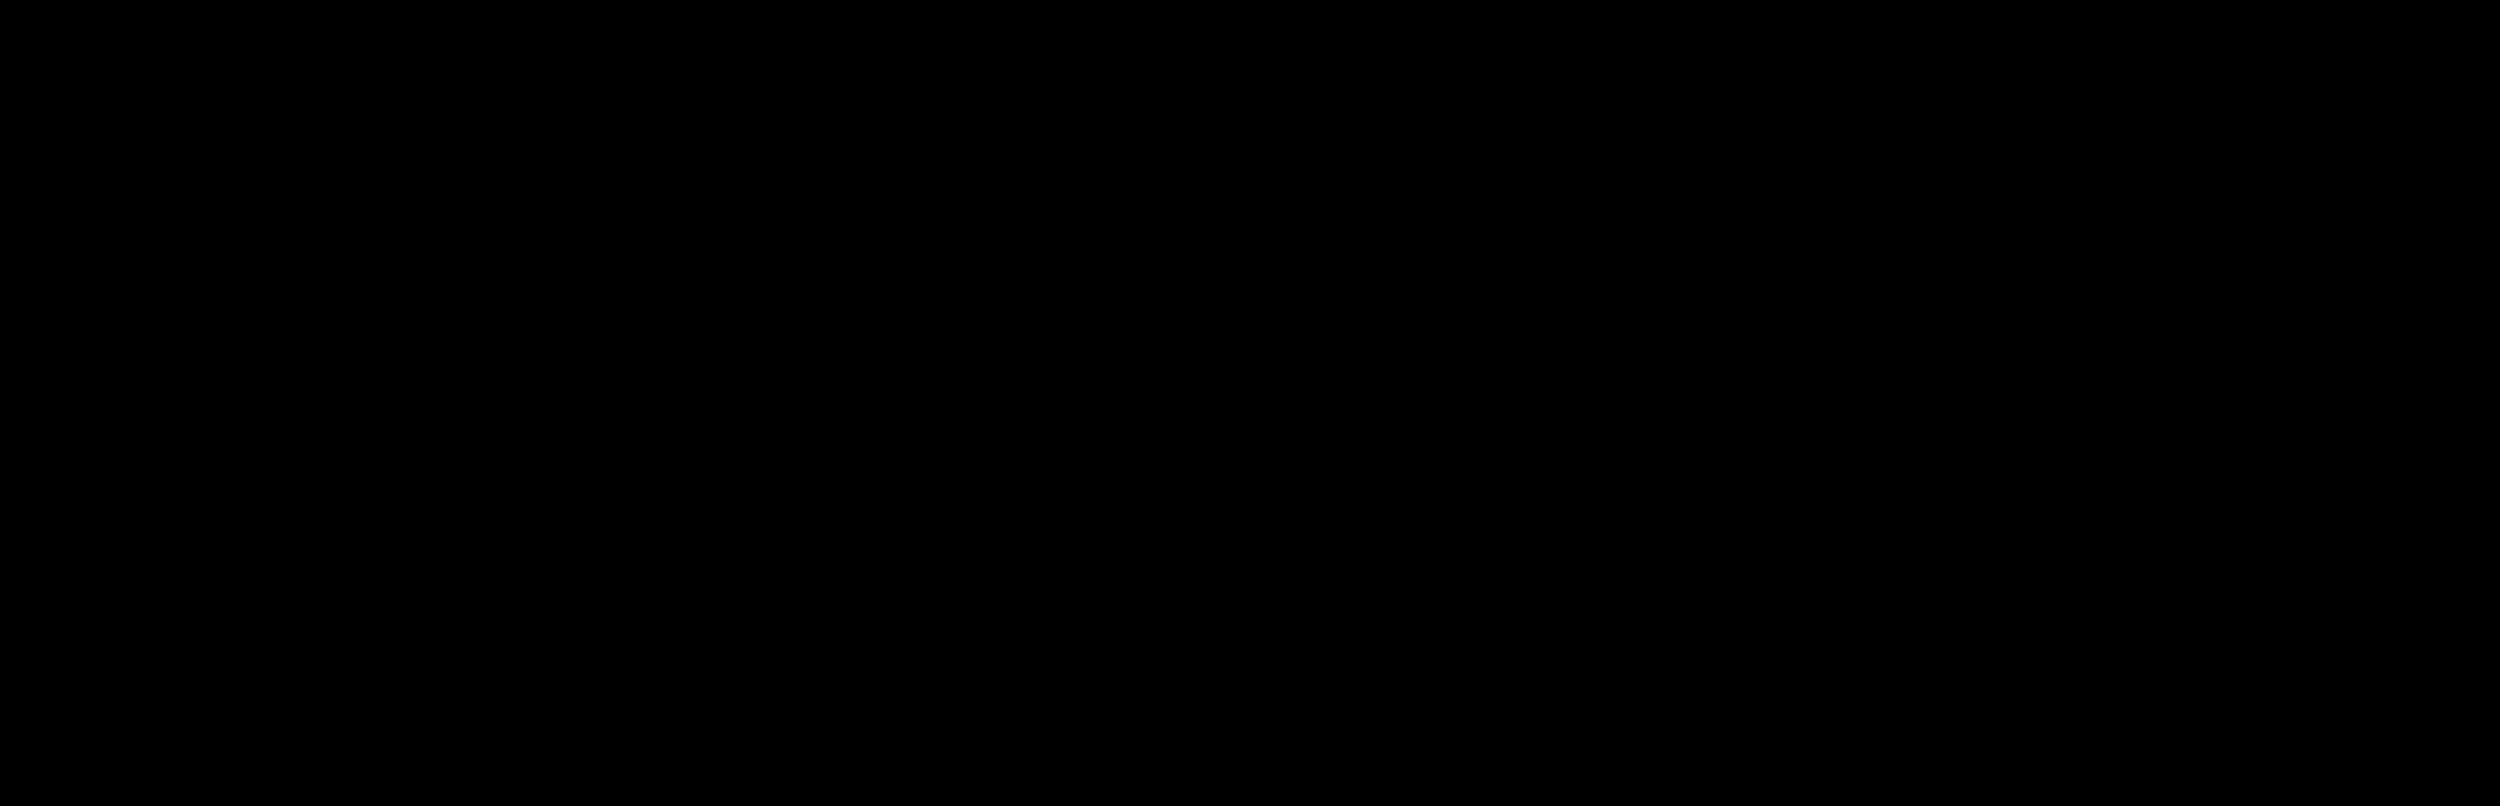 medien_ttheroes_logo_BIG_black.png